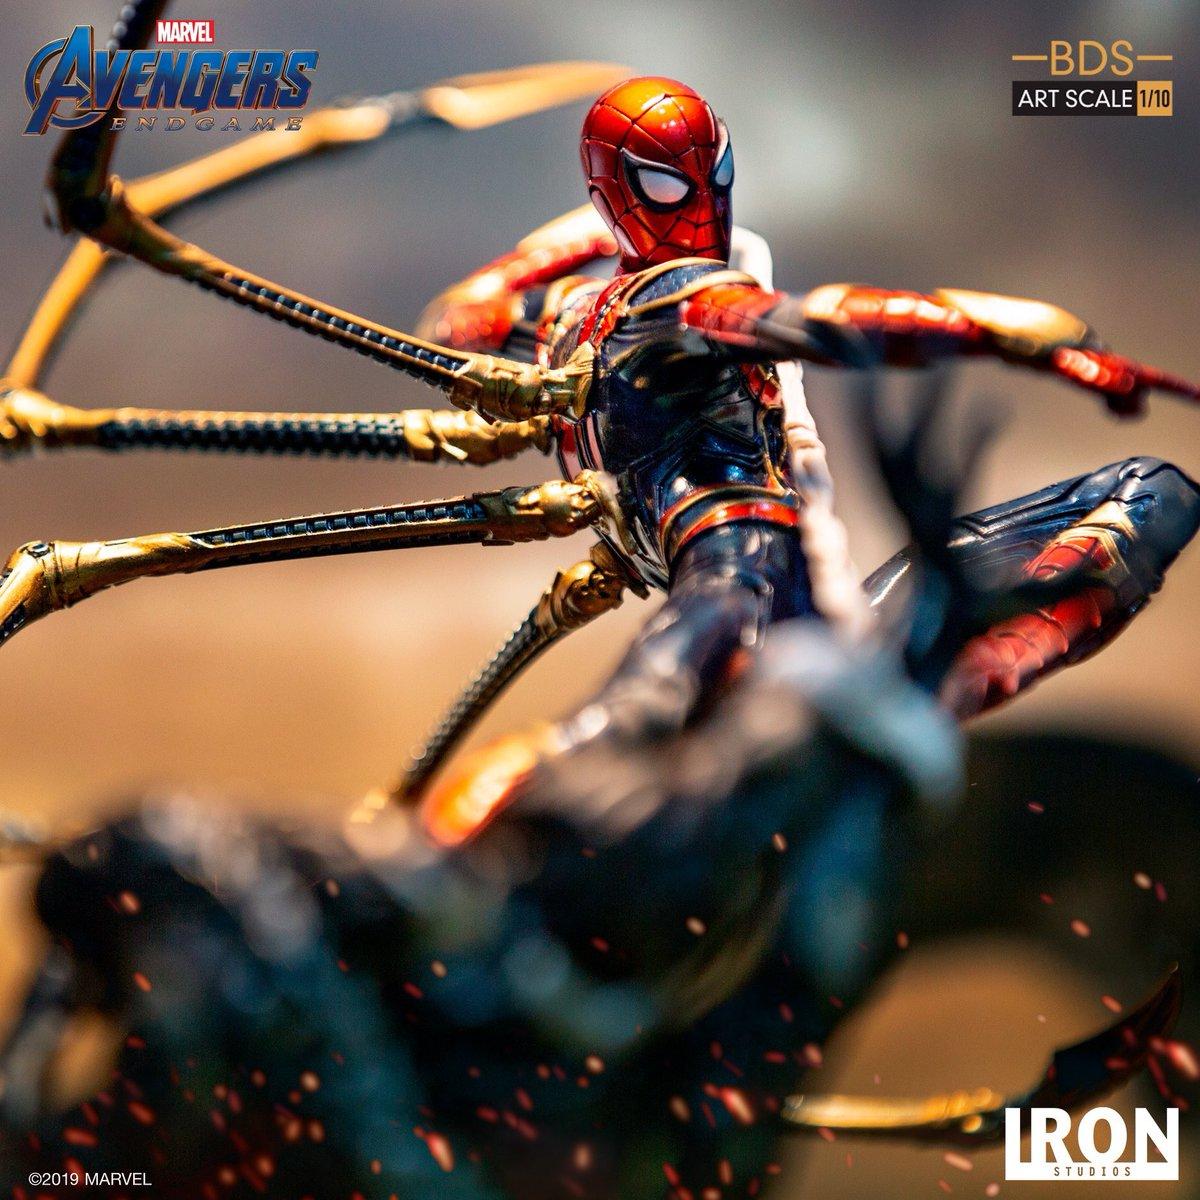 Iron Spider Vs Outrider BDS Art Scale 1/10 - Avengers: Endgame  by ironstudios #AvengersEndgame  <br>http://pic.twitter.com/TEGSP9QVzH